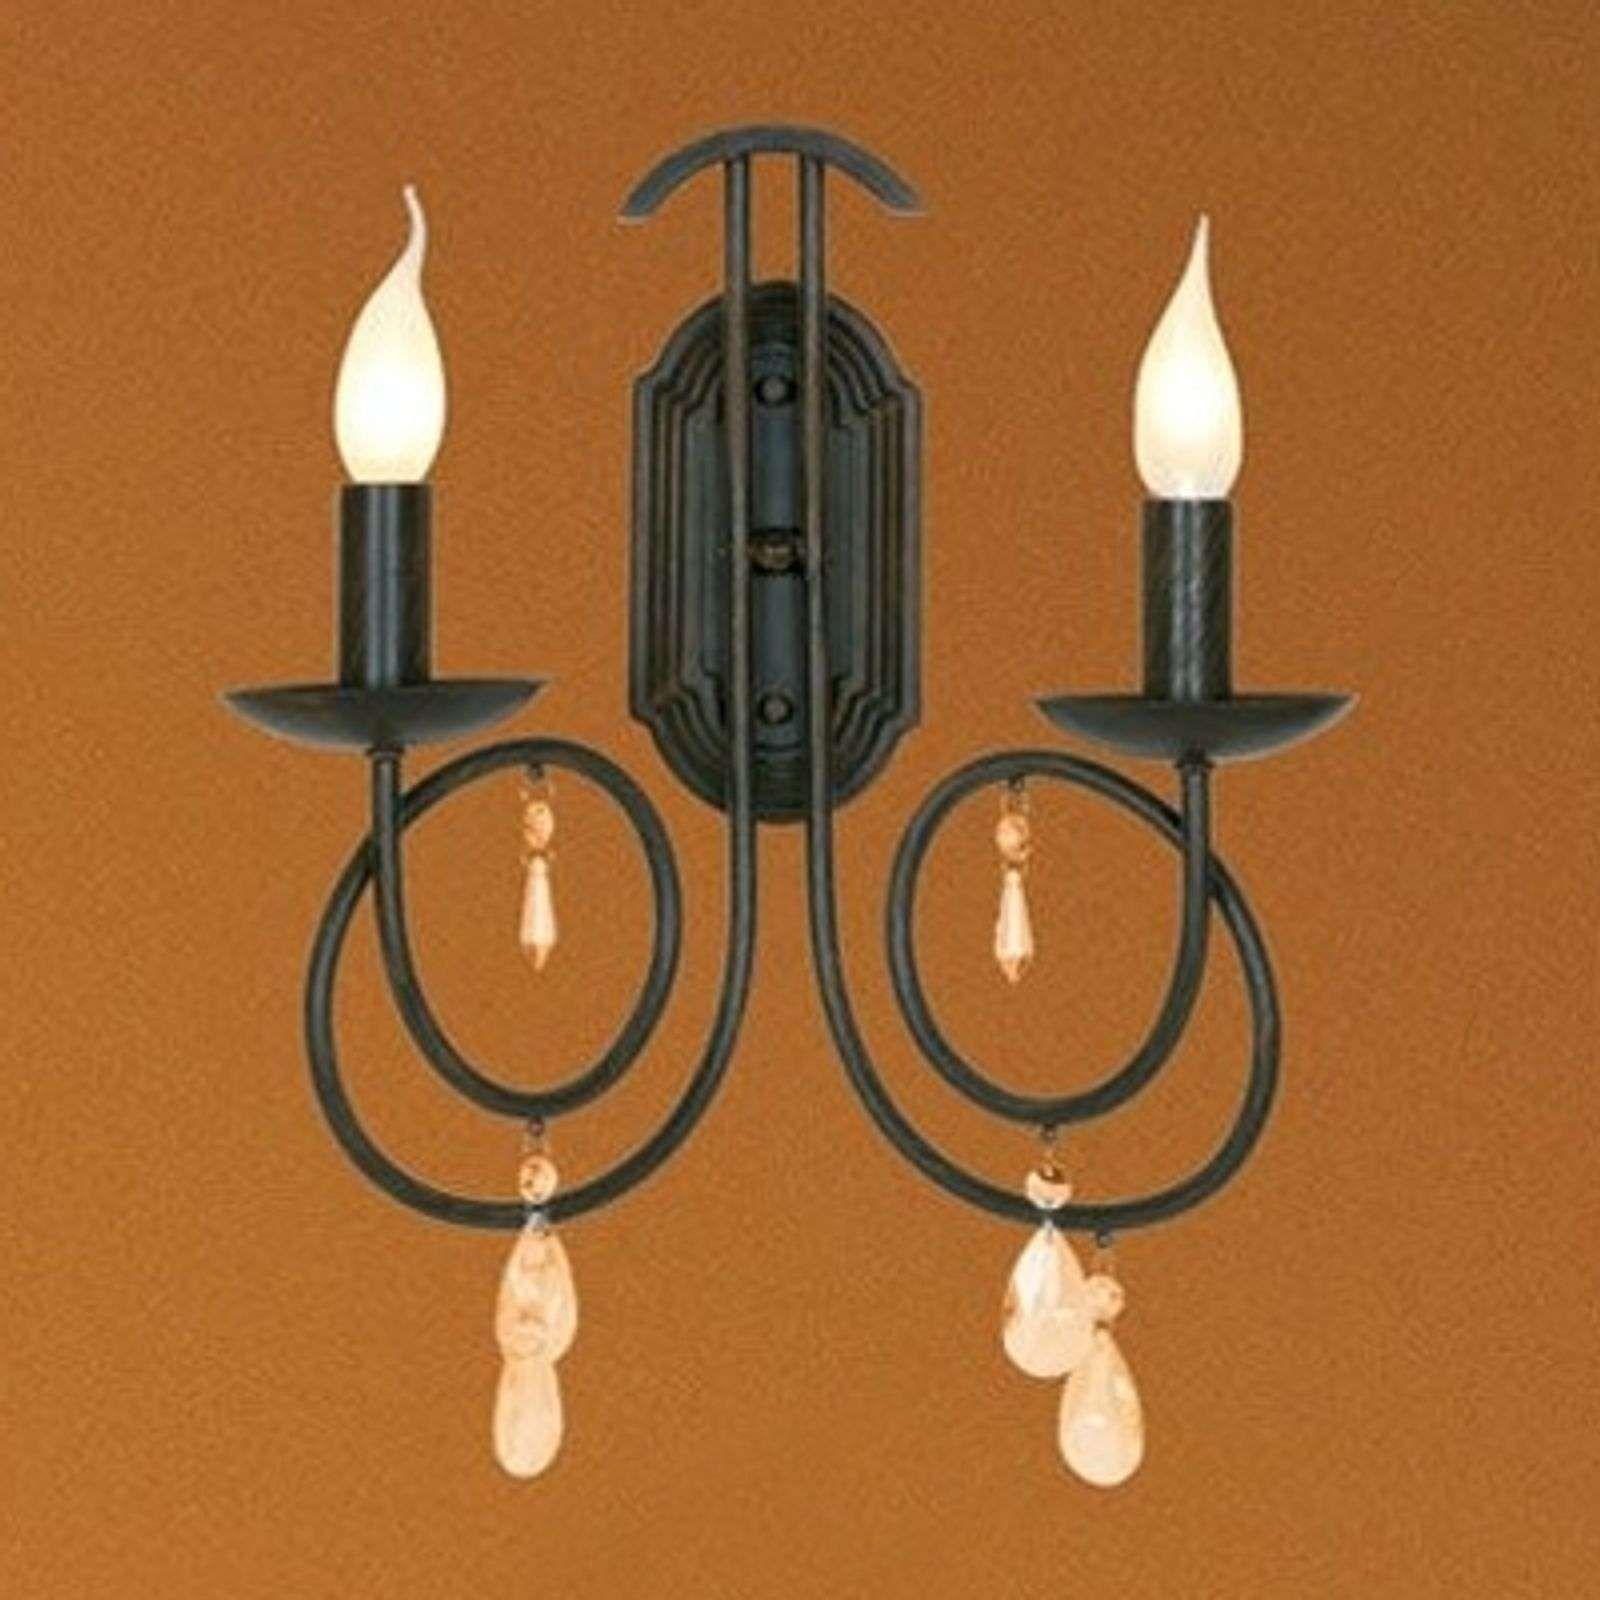 Wandlamp Met Ingebouwde Schakelaar Wandlampe Mit Stecker Fur Steckdose Wandlamp Zwart Wandlamp Buiten Beweging Wandlamp Muurverlichting Binnenverlichting